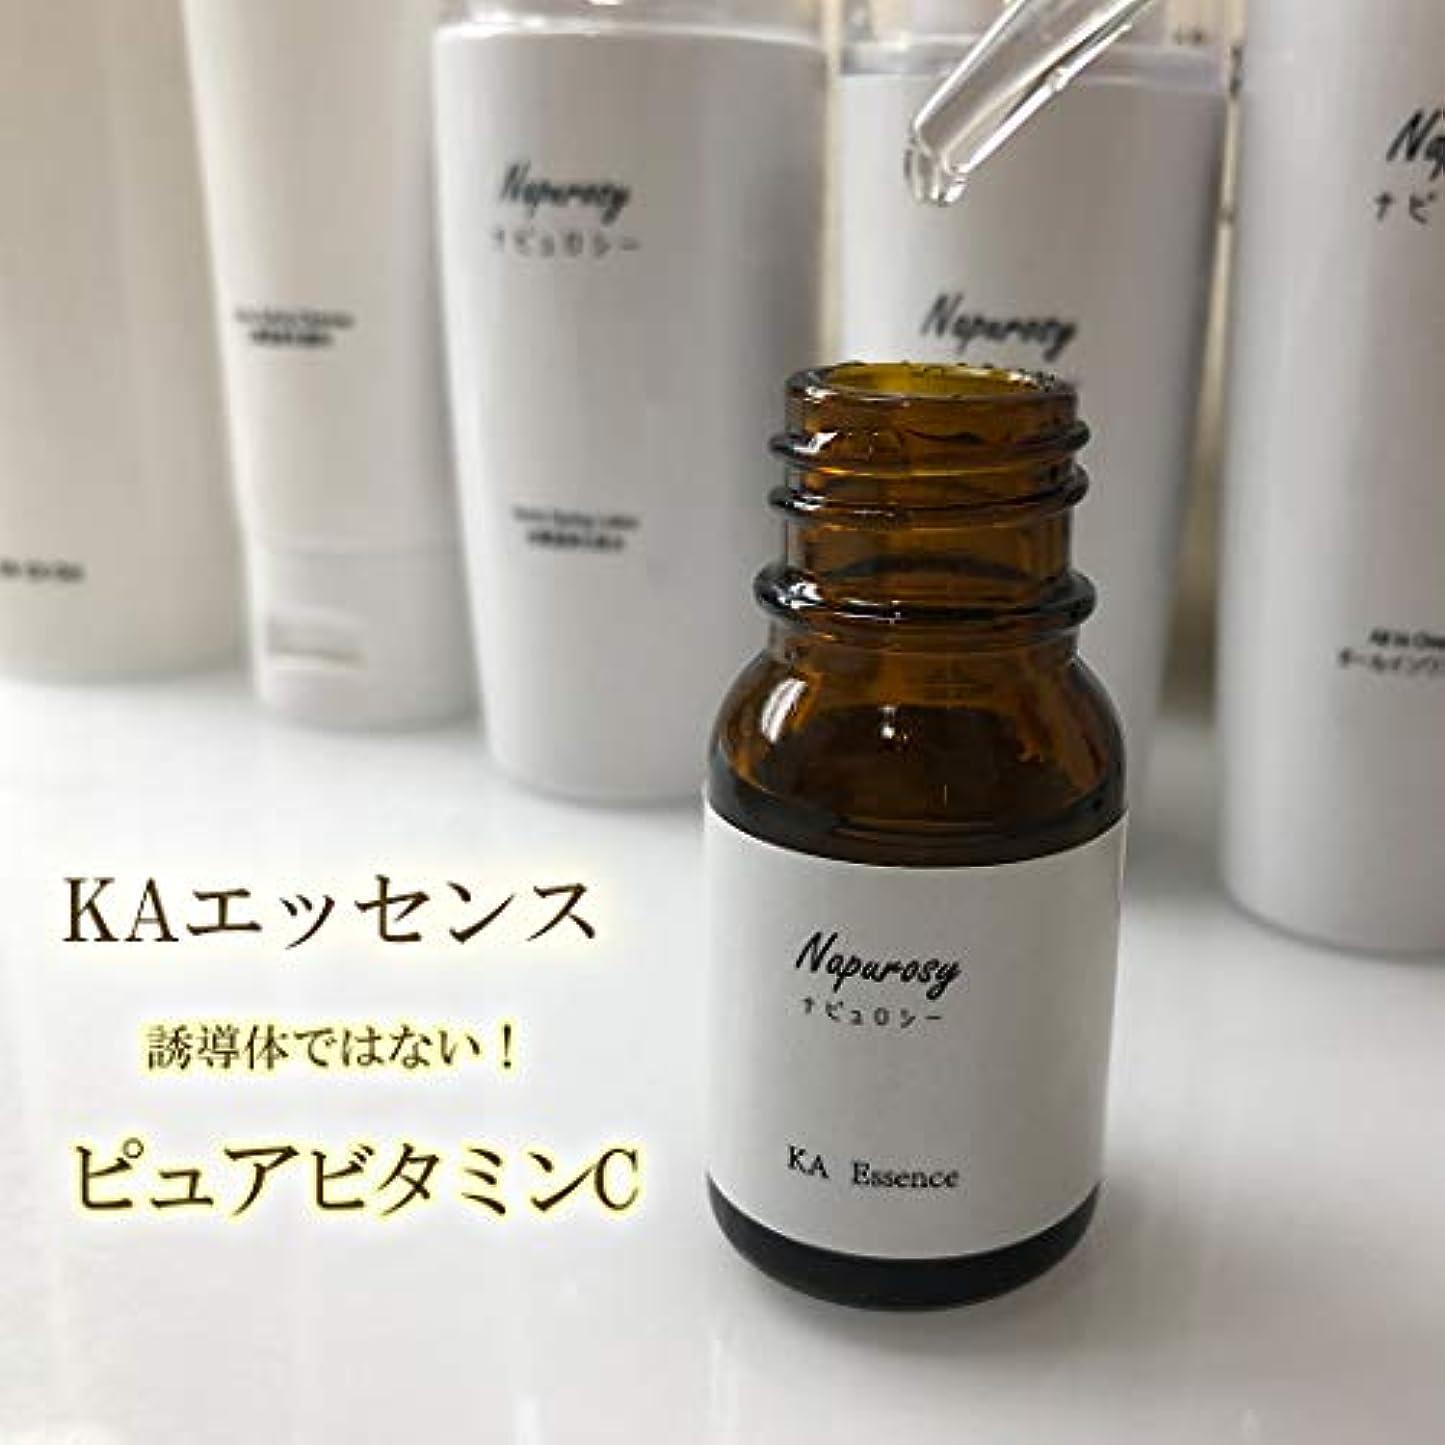 希望に満ちた新鮮な思い出すNapurosy ナピュロシー KAエッセンス 誘導体より高濃度ピュアビタミンC美容液